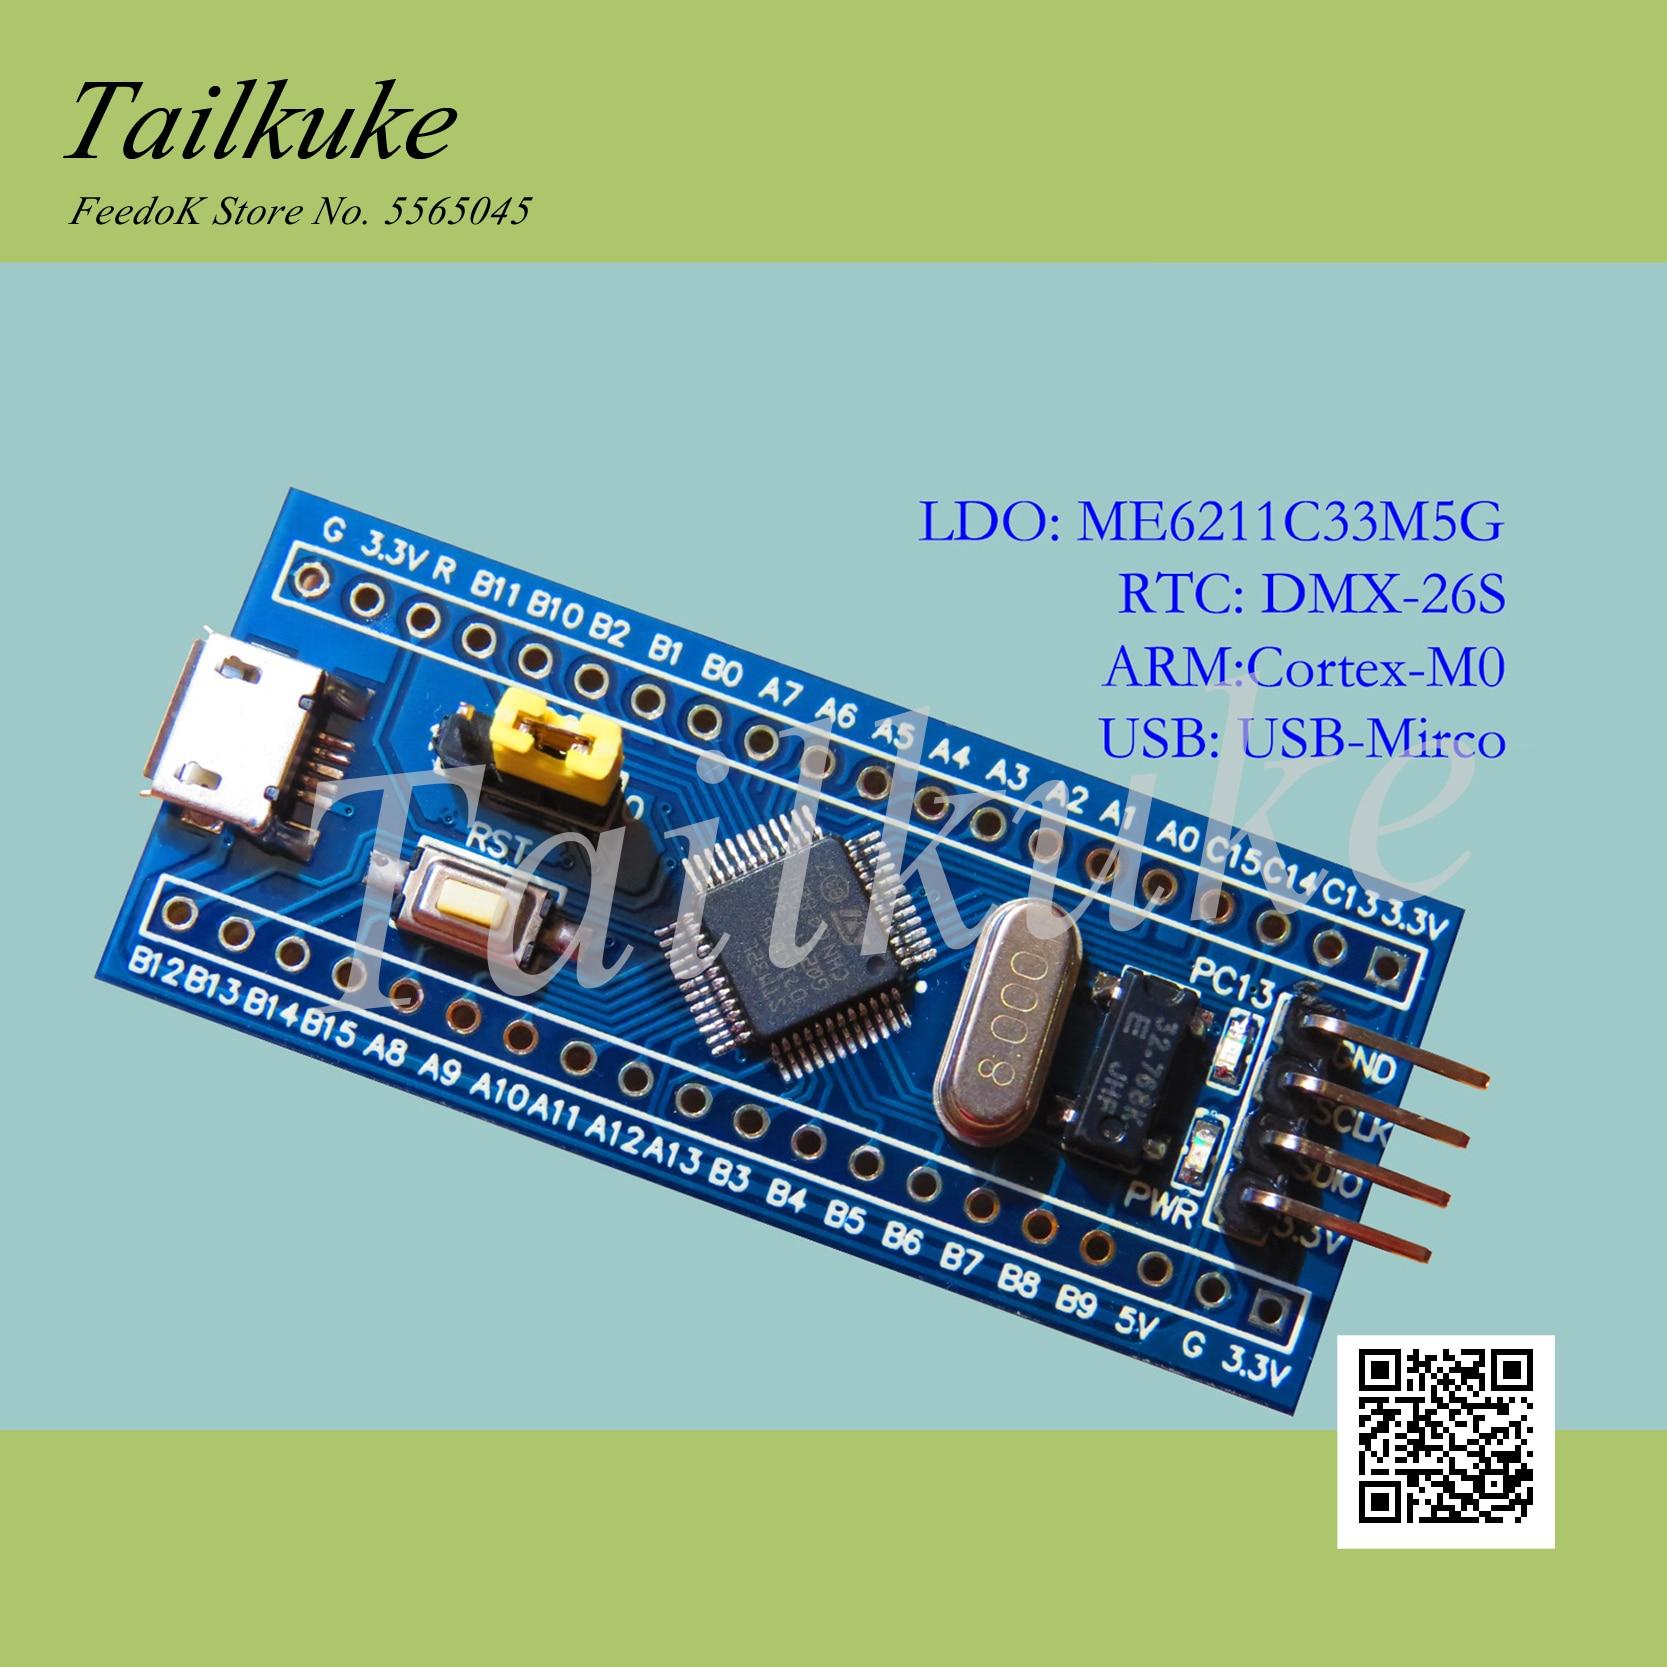 Tablero central Stm32l071cbt6, nuevo producto, Stm32l071, sistema mínimo L071, tablero de desarrollo, promoción, bajo consumo de energía